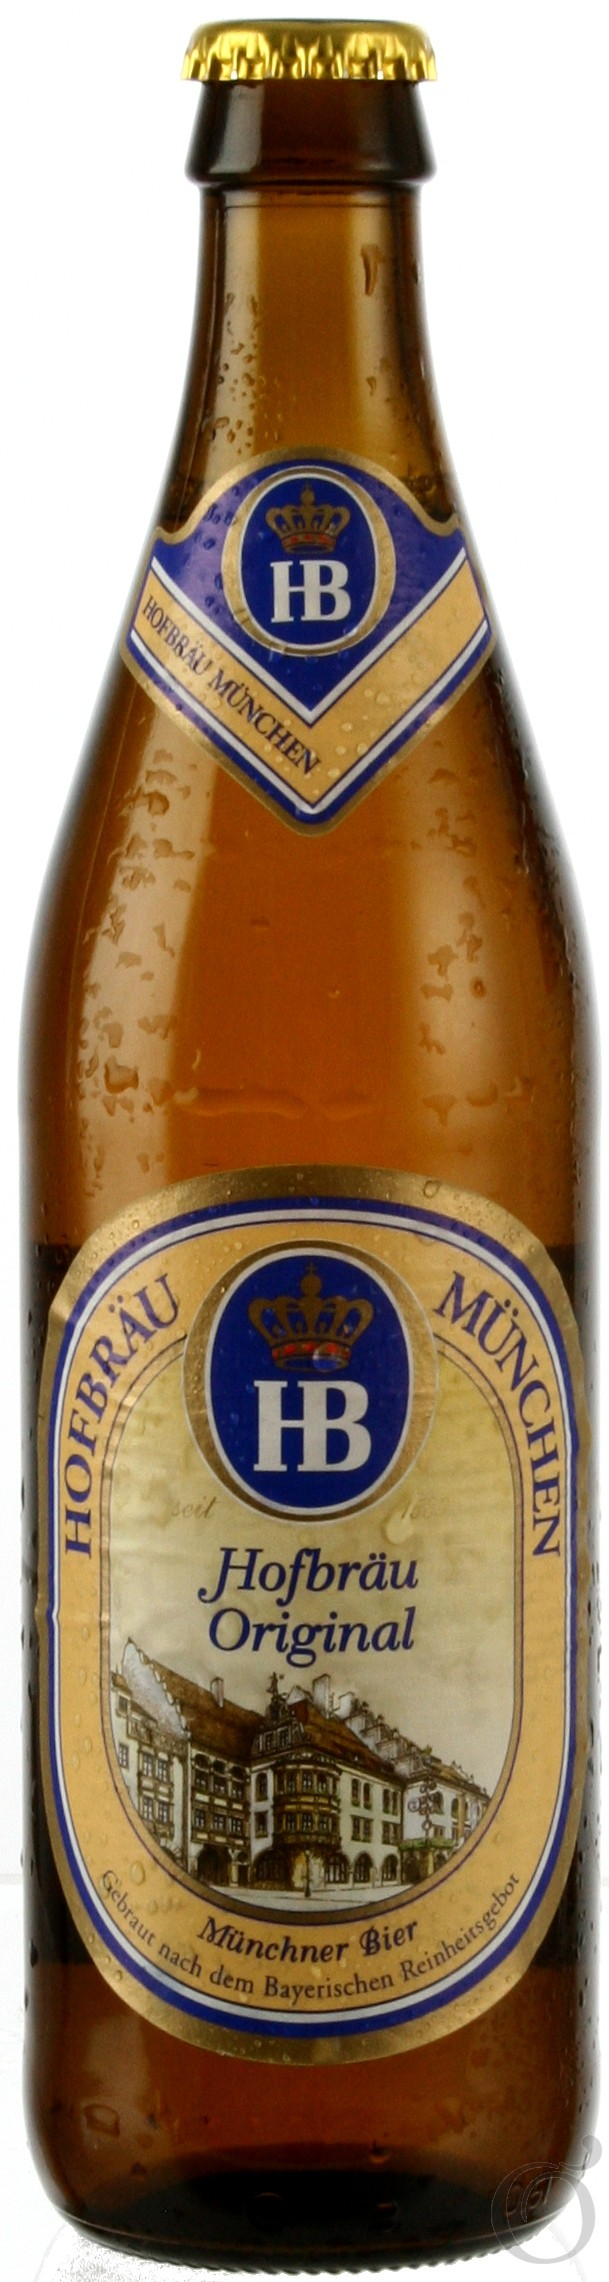 Hofbräu Original Cerveza alemana del tipo Munich Helles Lager de color dorado. Hofbräuhaus es un símbolo de la hospitalidad de Munich. Más que cualquier otro, Hofbräu original encarna la atmósfera especial de la cerveza que se toma en la capital de Munich, y es exportada a los cuatro rincones del planeta. Su sabor refrescante, amargo  la han hecho famosa en todo el mundo. Una cerveza con el carácter de Munich. Alcohol 5,1%